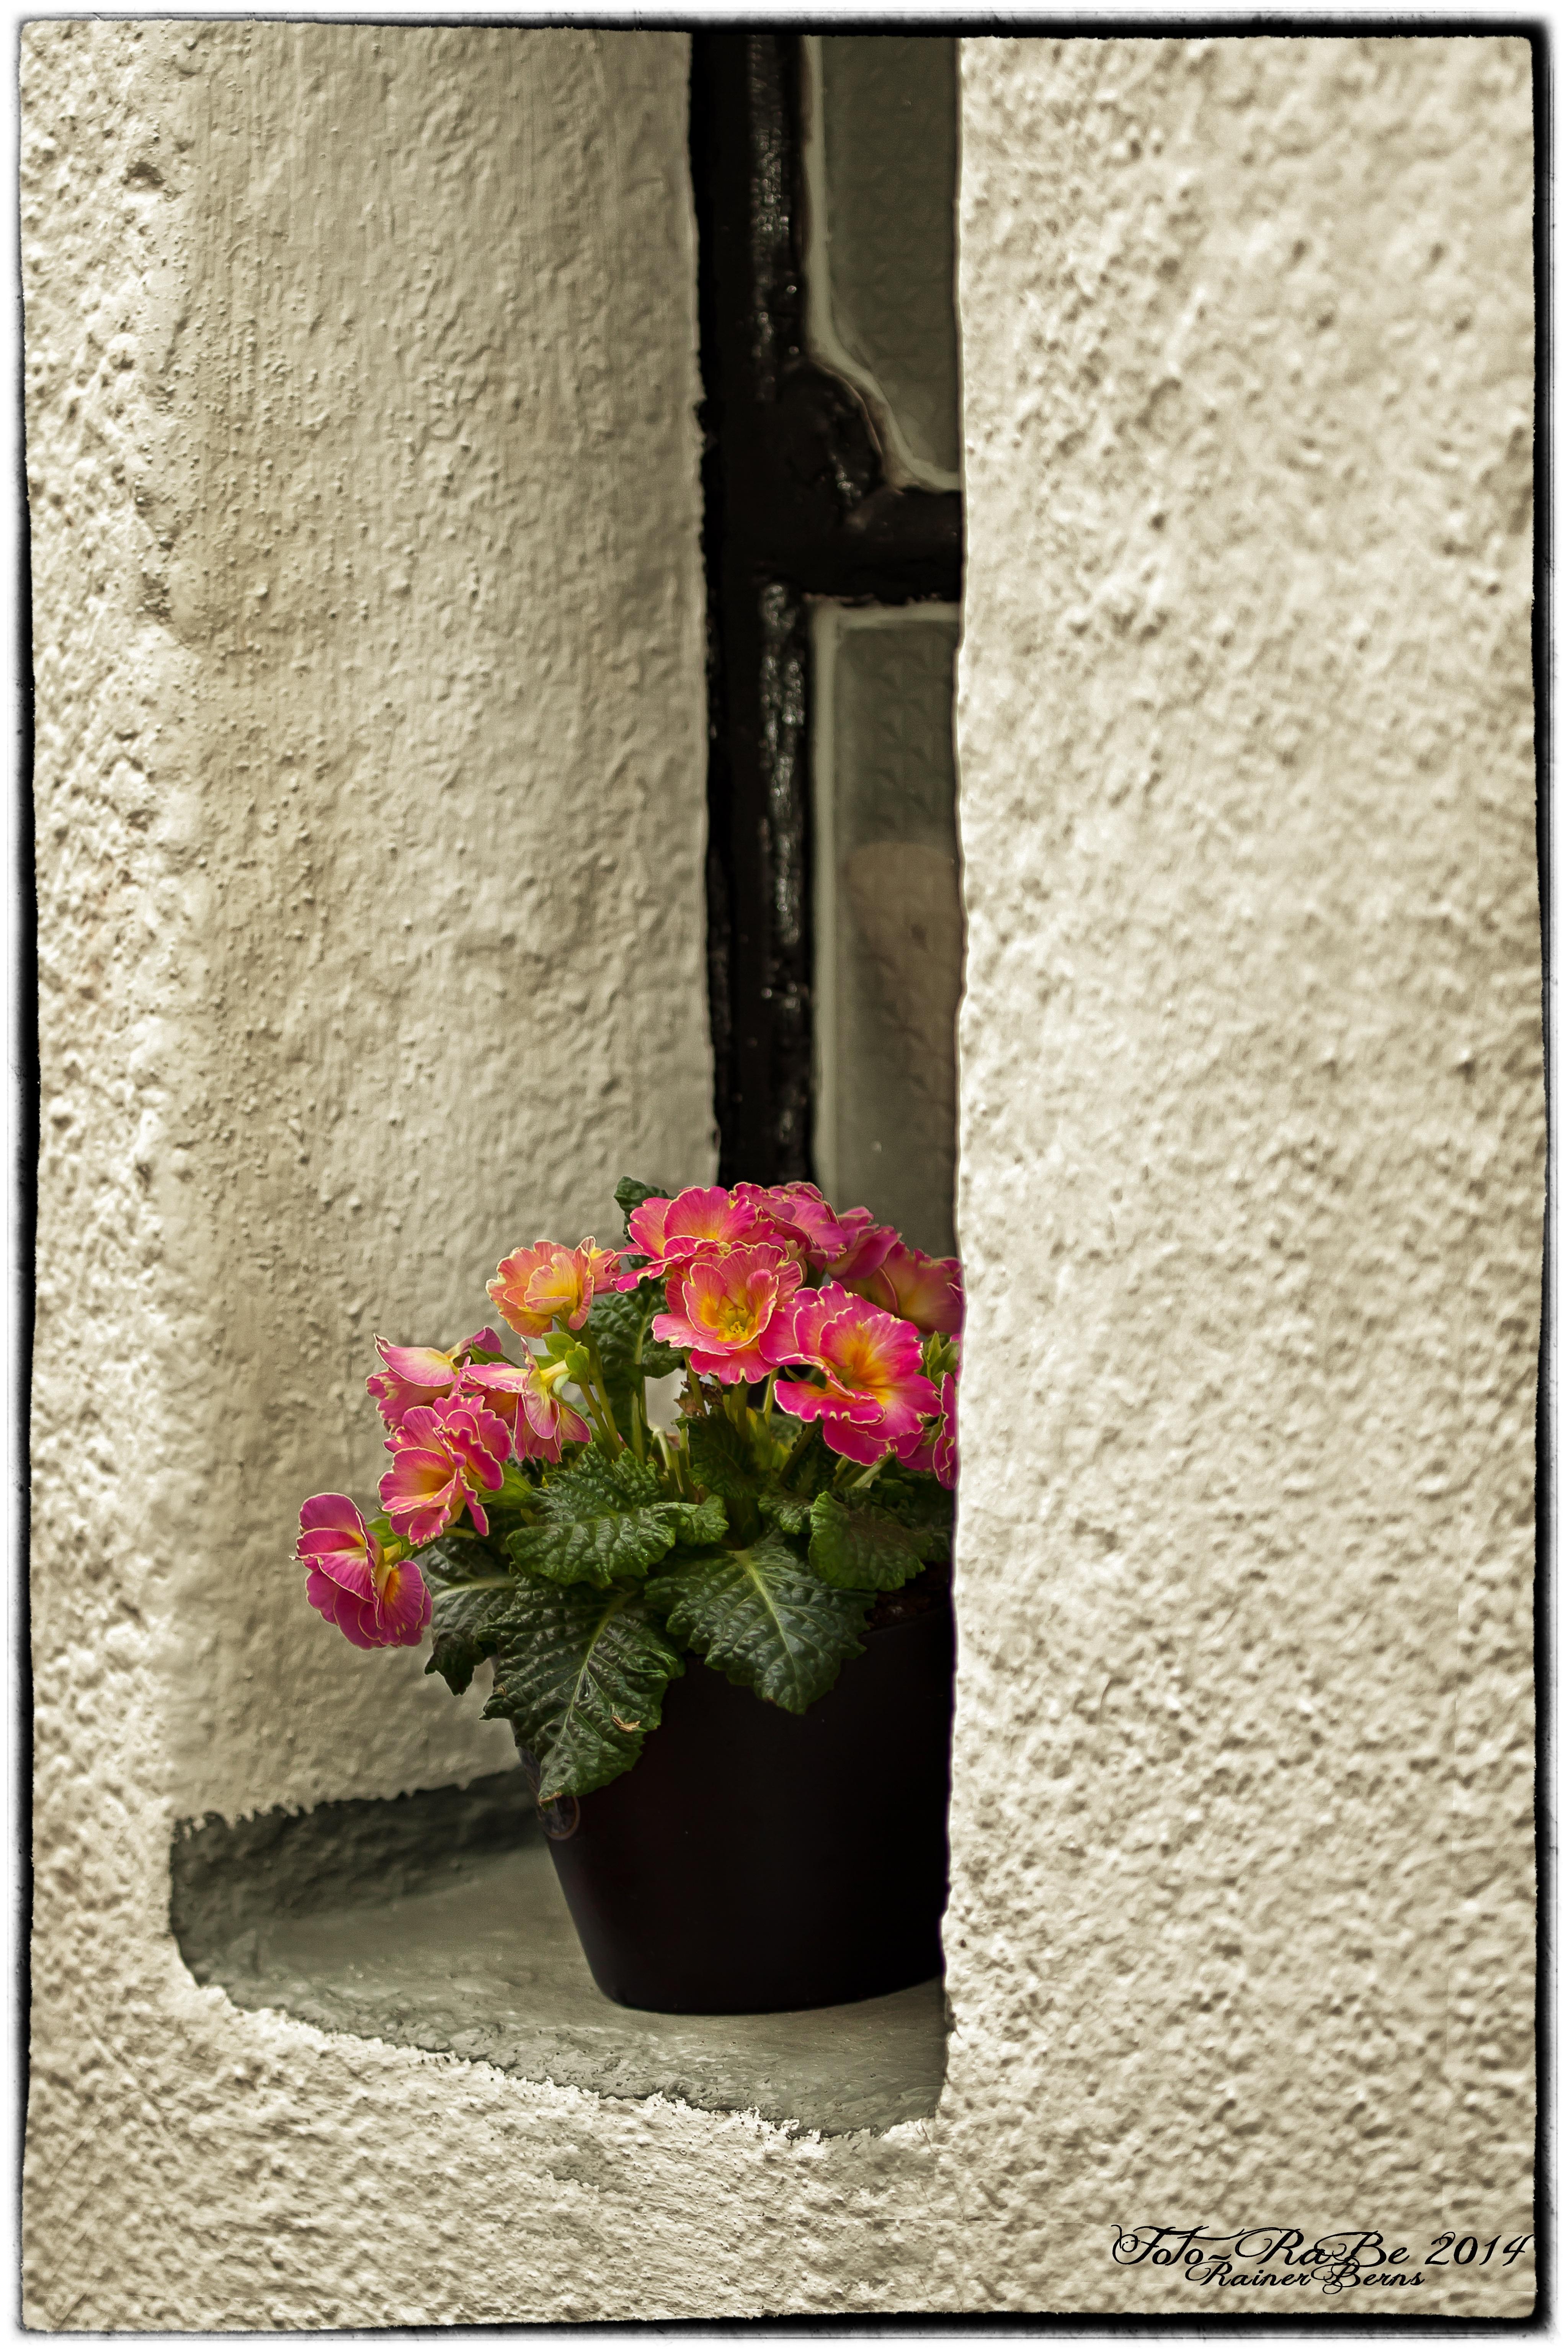 Fotos gratis : flor, planta, madera, florecer, ventana, casa, pared ...